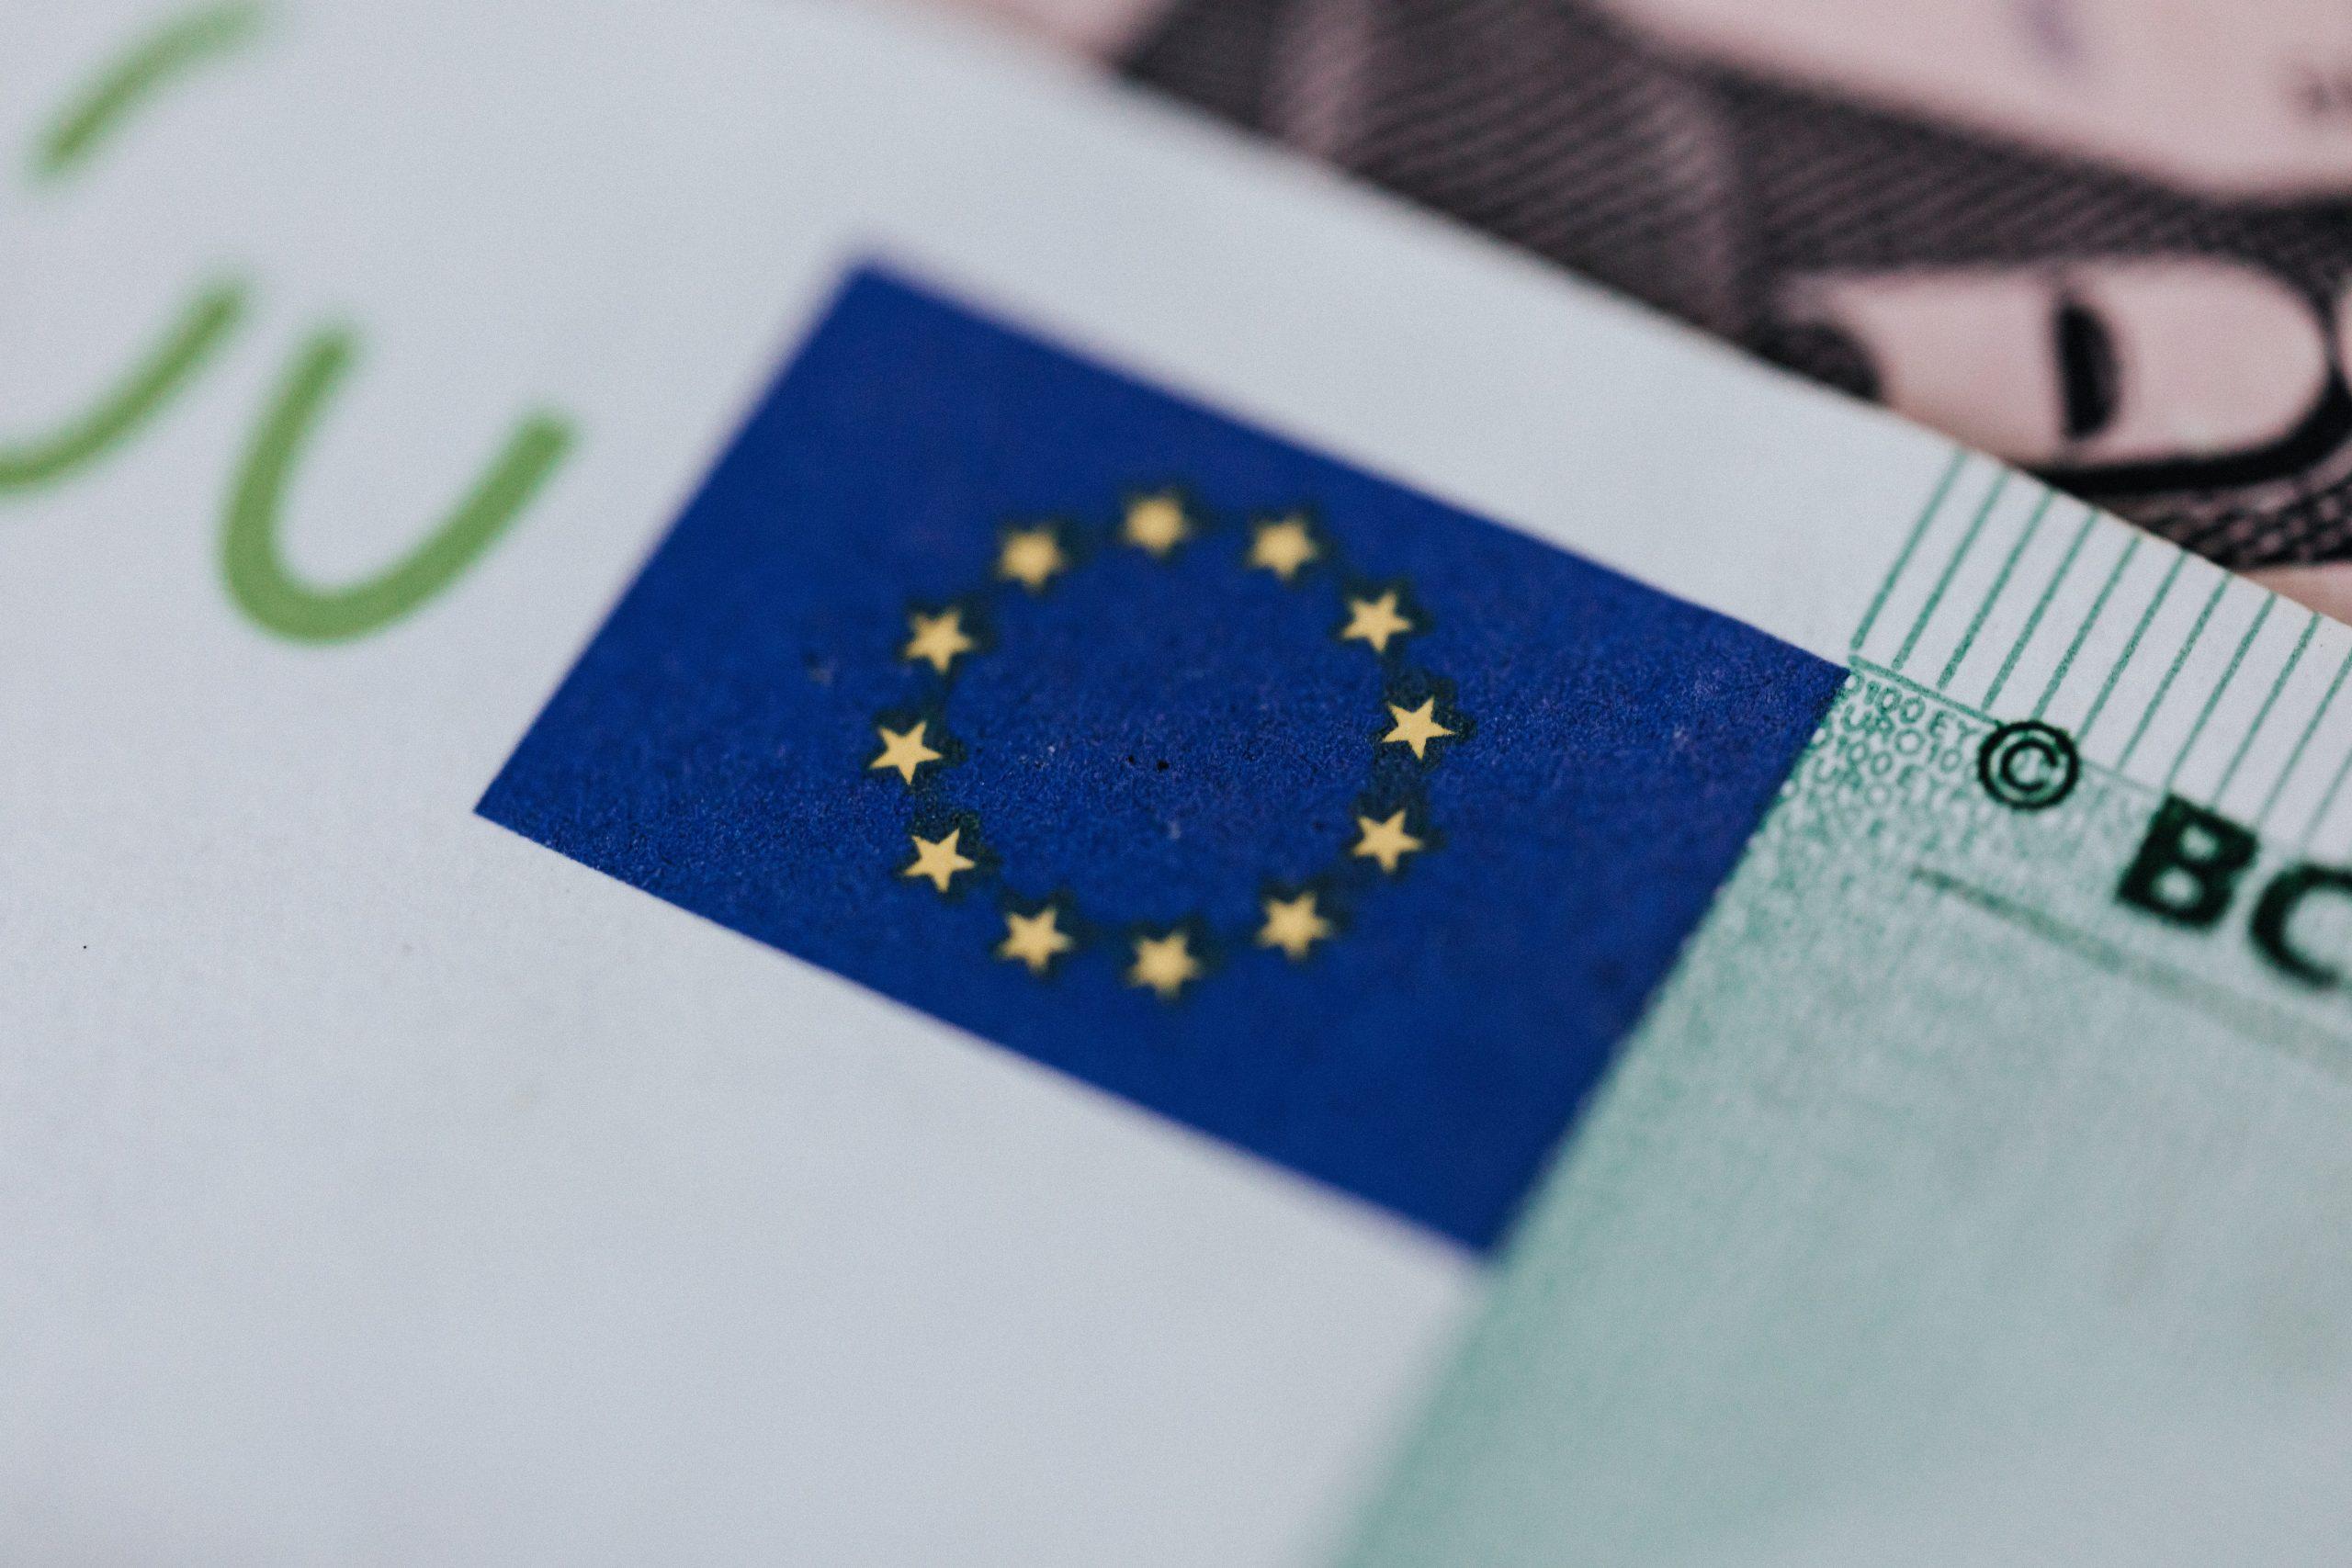 LA COMISIÓN EUROPEA IMPULSARÁ UNA NUEVA DIRECTIVA COMUNITARIA PARA COMBATIR EL SOBREENDEUDAMIENTO DE LOS CONSUMIDORES